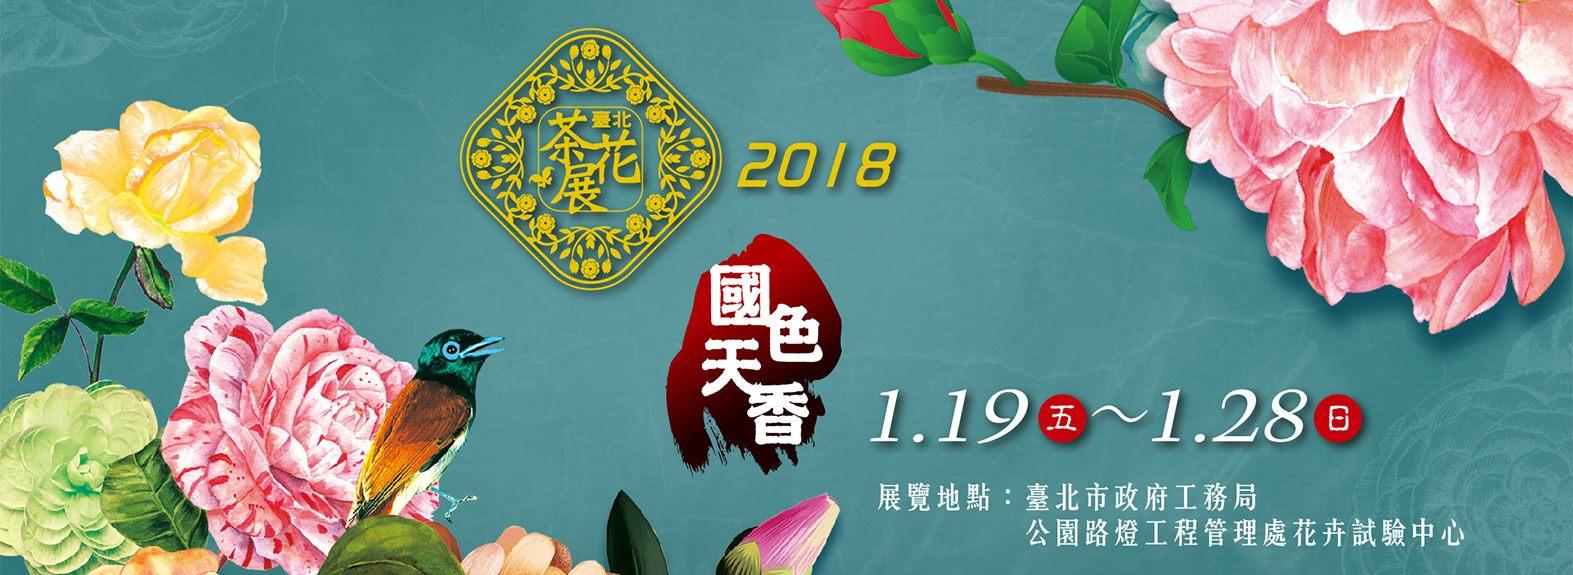 2018茶花展